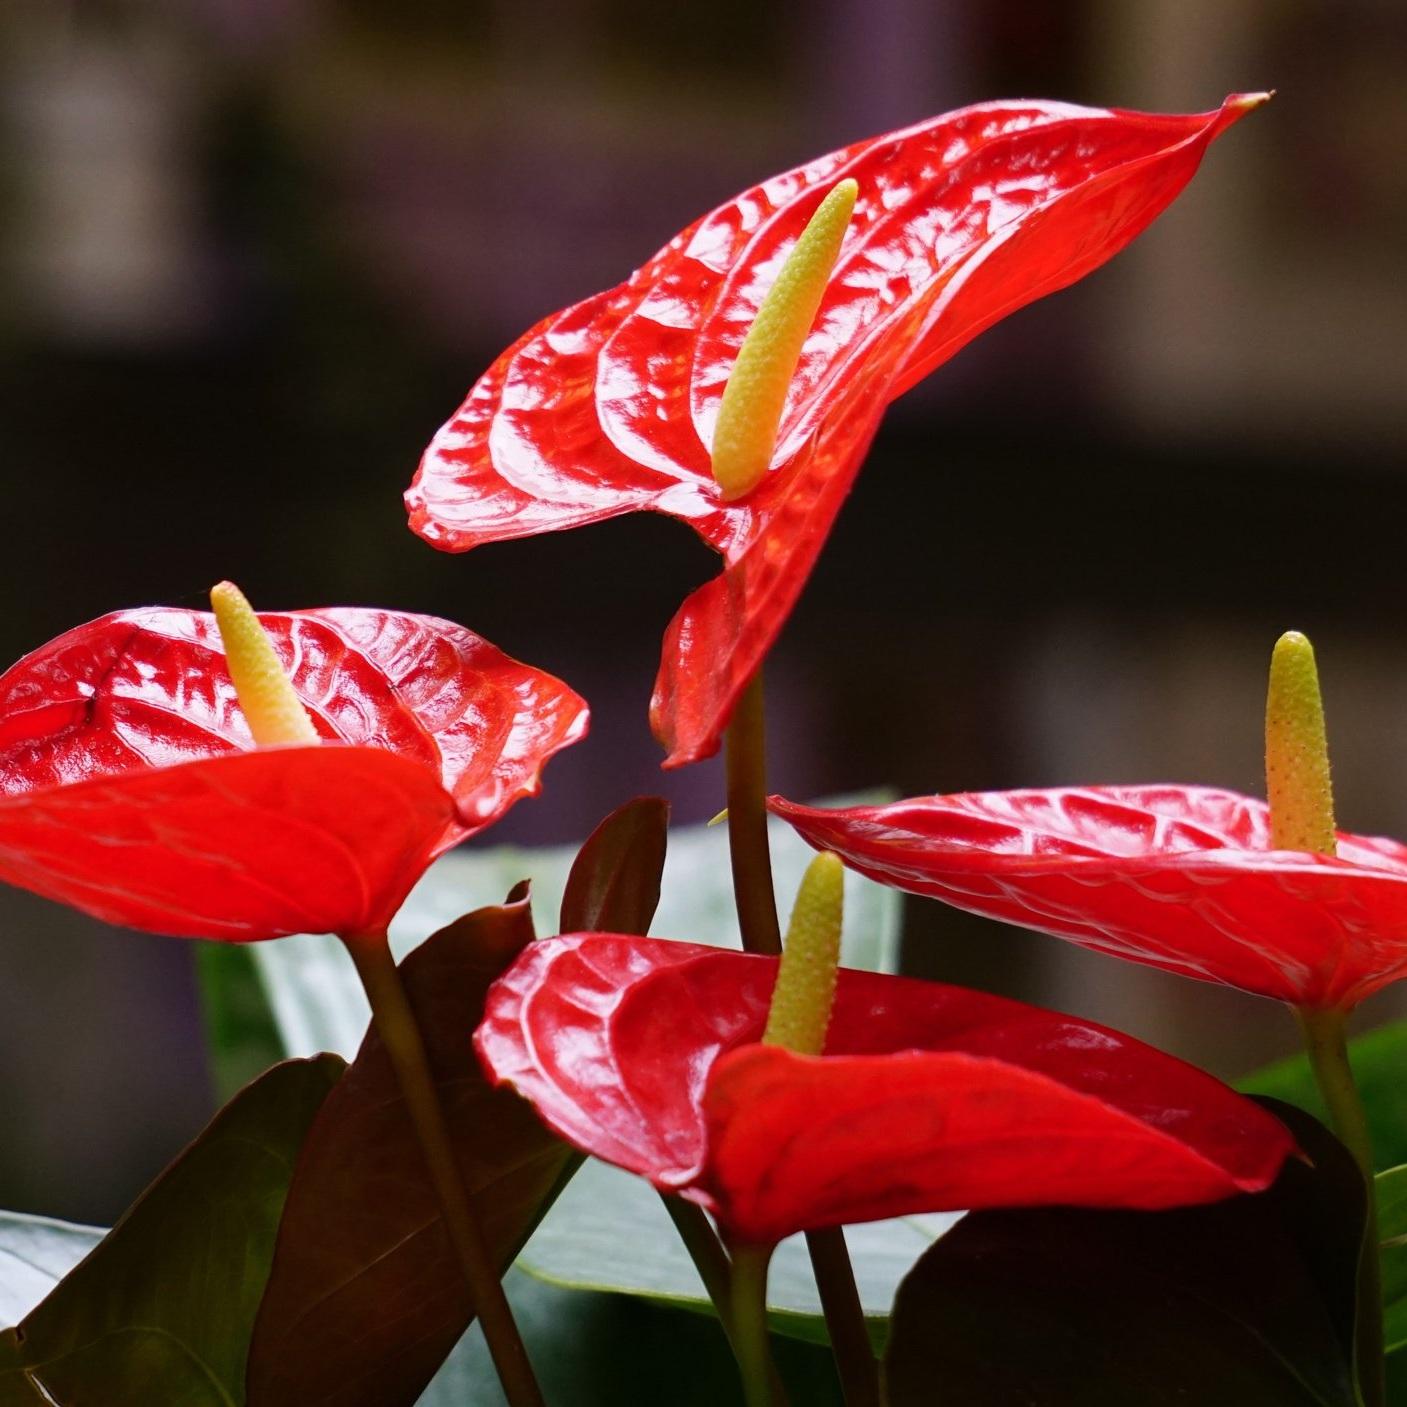 Anturium - Anthurium spp.